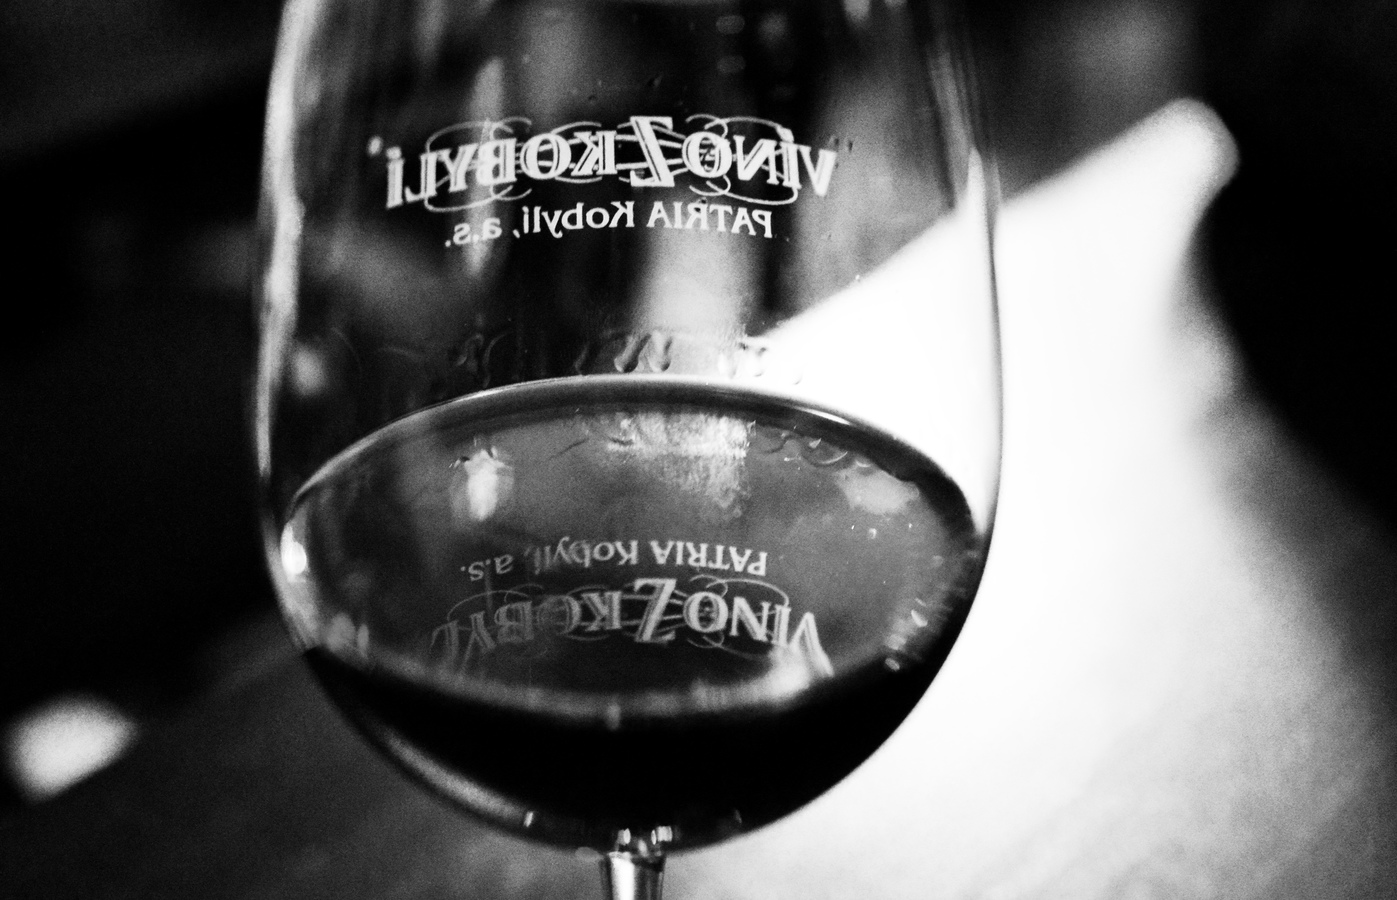 Sklenice dobrého vína